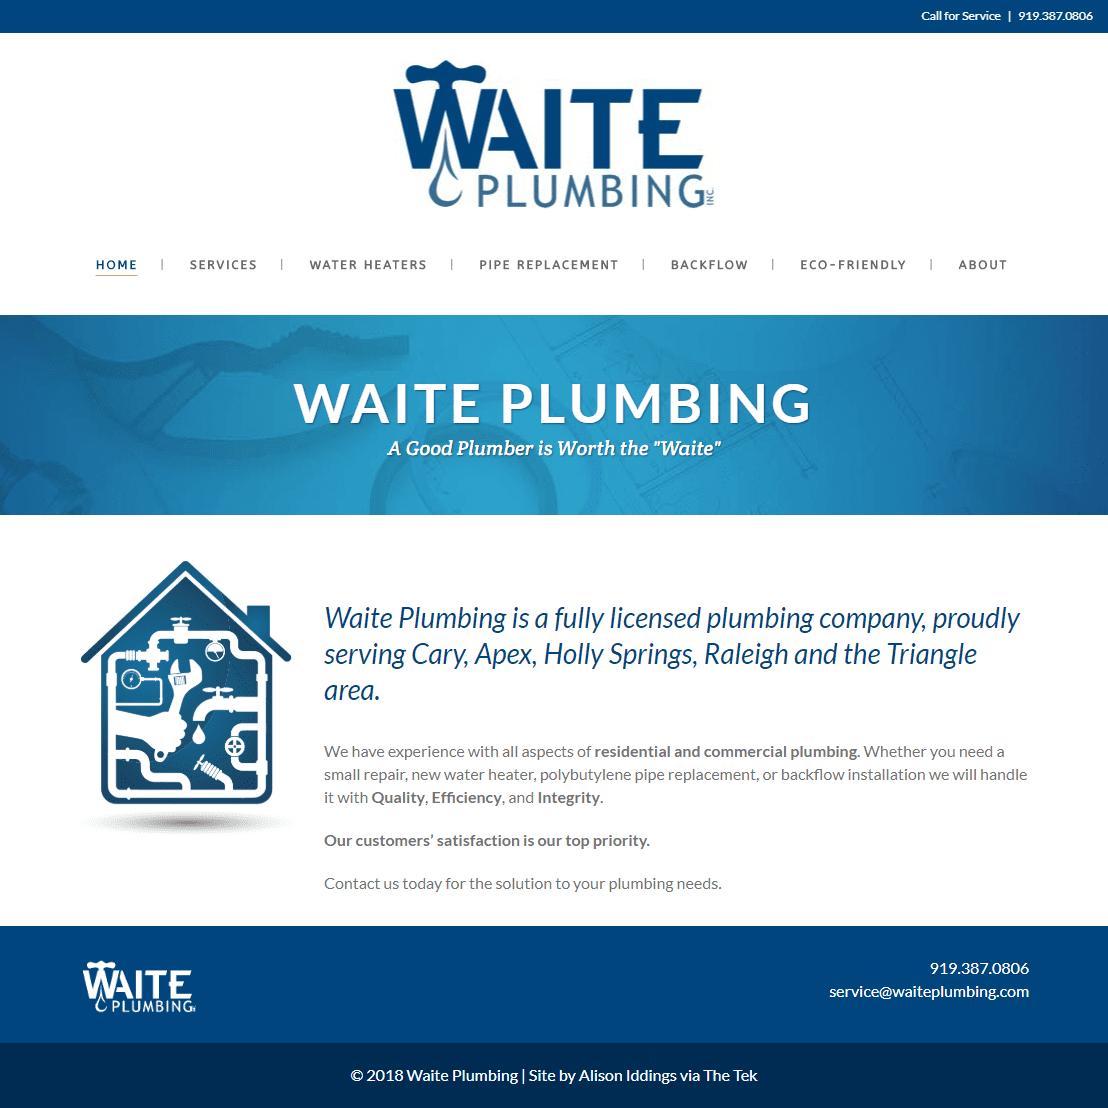 Waite Plumbing